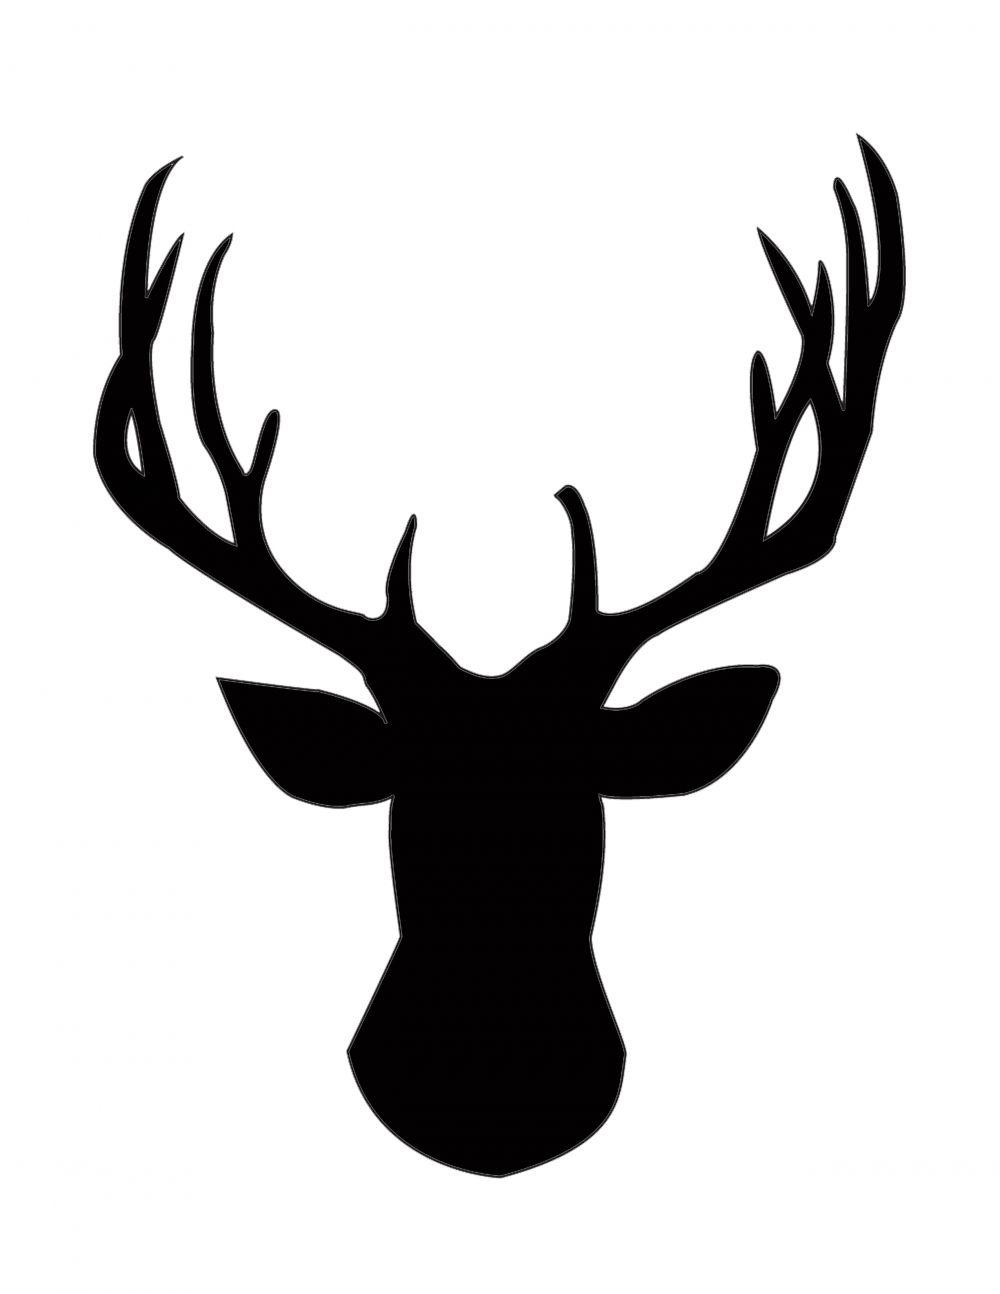 Antlers clipart buck antler. Deer horn silhouette at